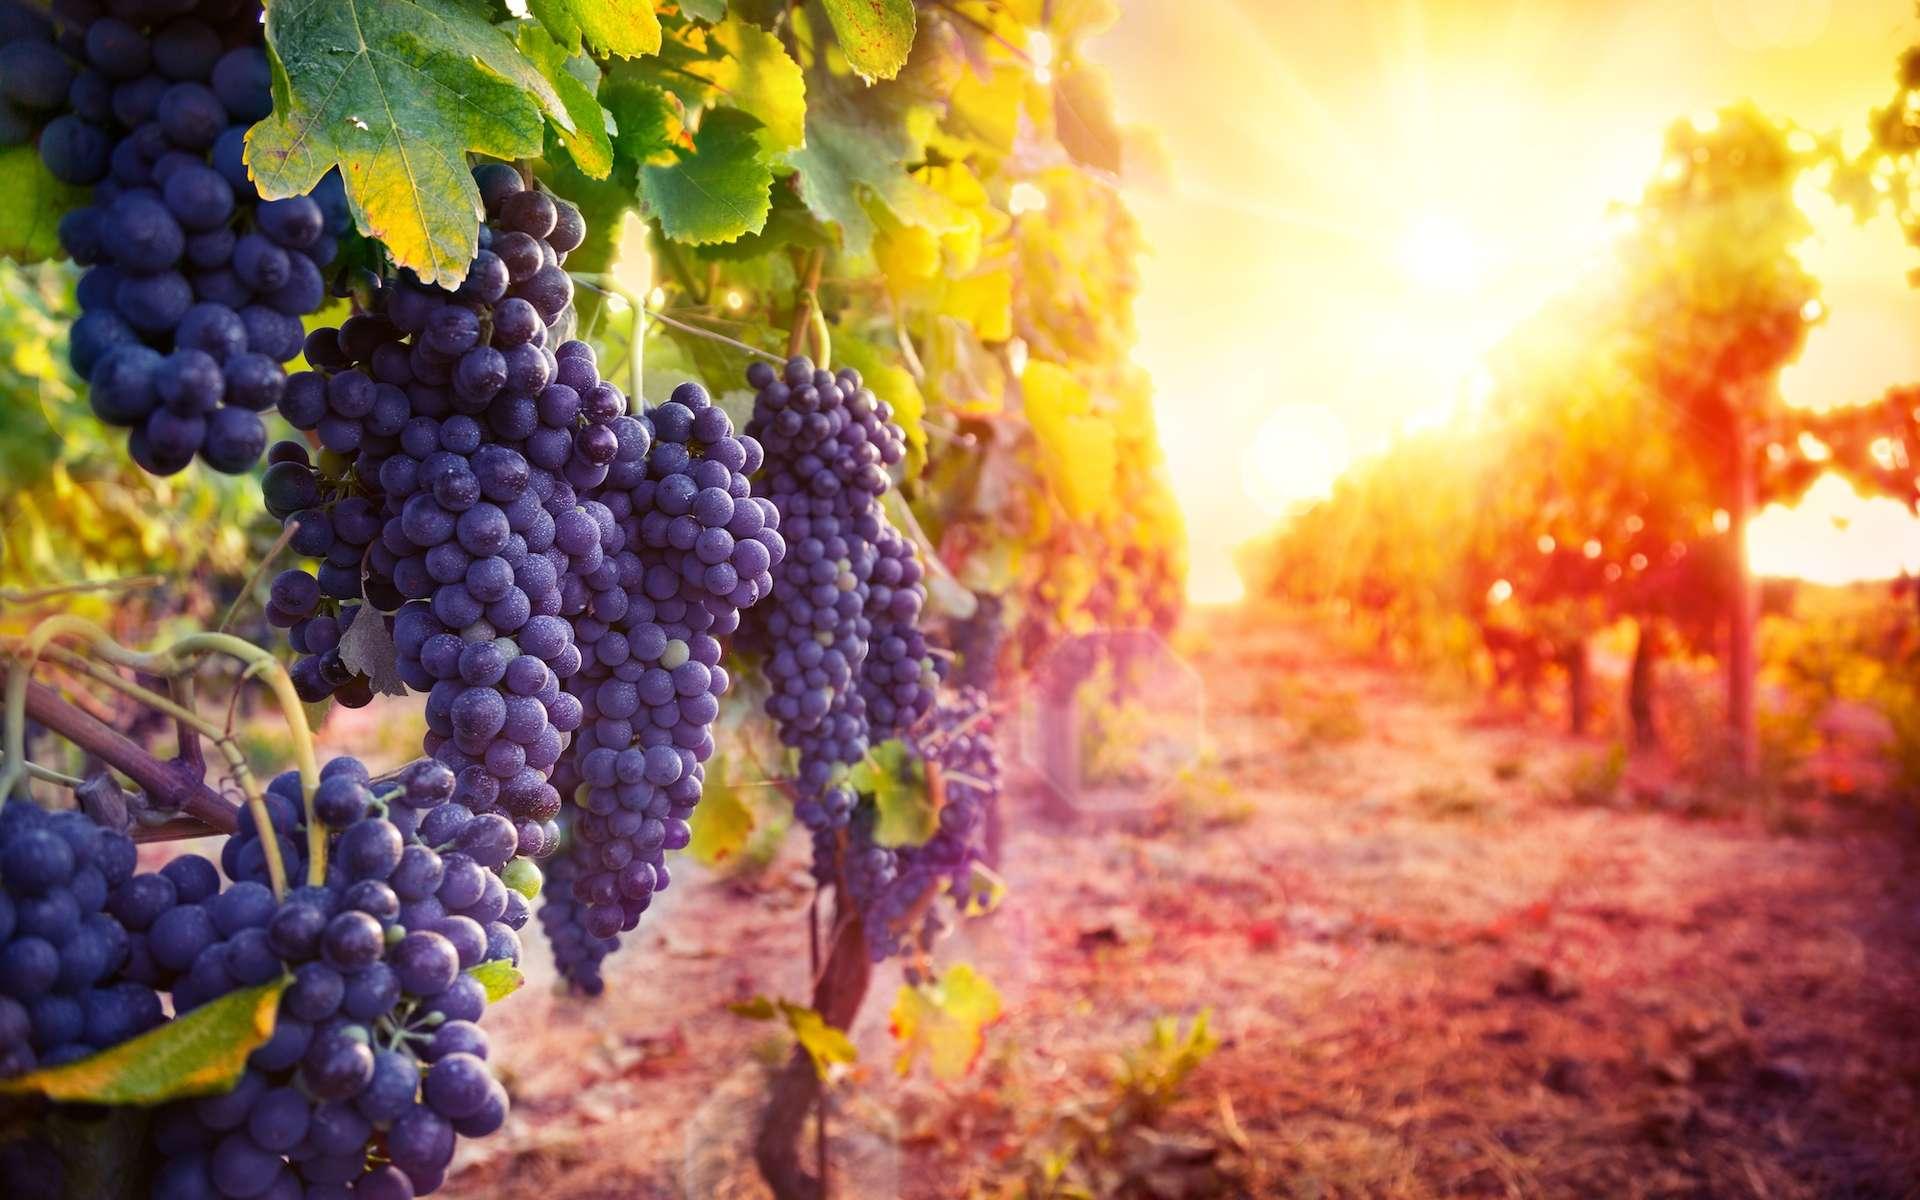 En France, et dans d'autres pays viticoles d'Europe, les vendanges ont lieu de plus en plus tôt ces dernières années. Simples accidents météorologiques liés à des conditions extrêmes ou vraie tendance à long terme liée au changement climatique ? © Romolo Tavani, Shutterstock